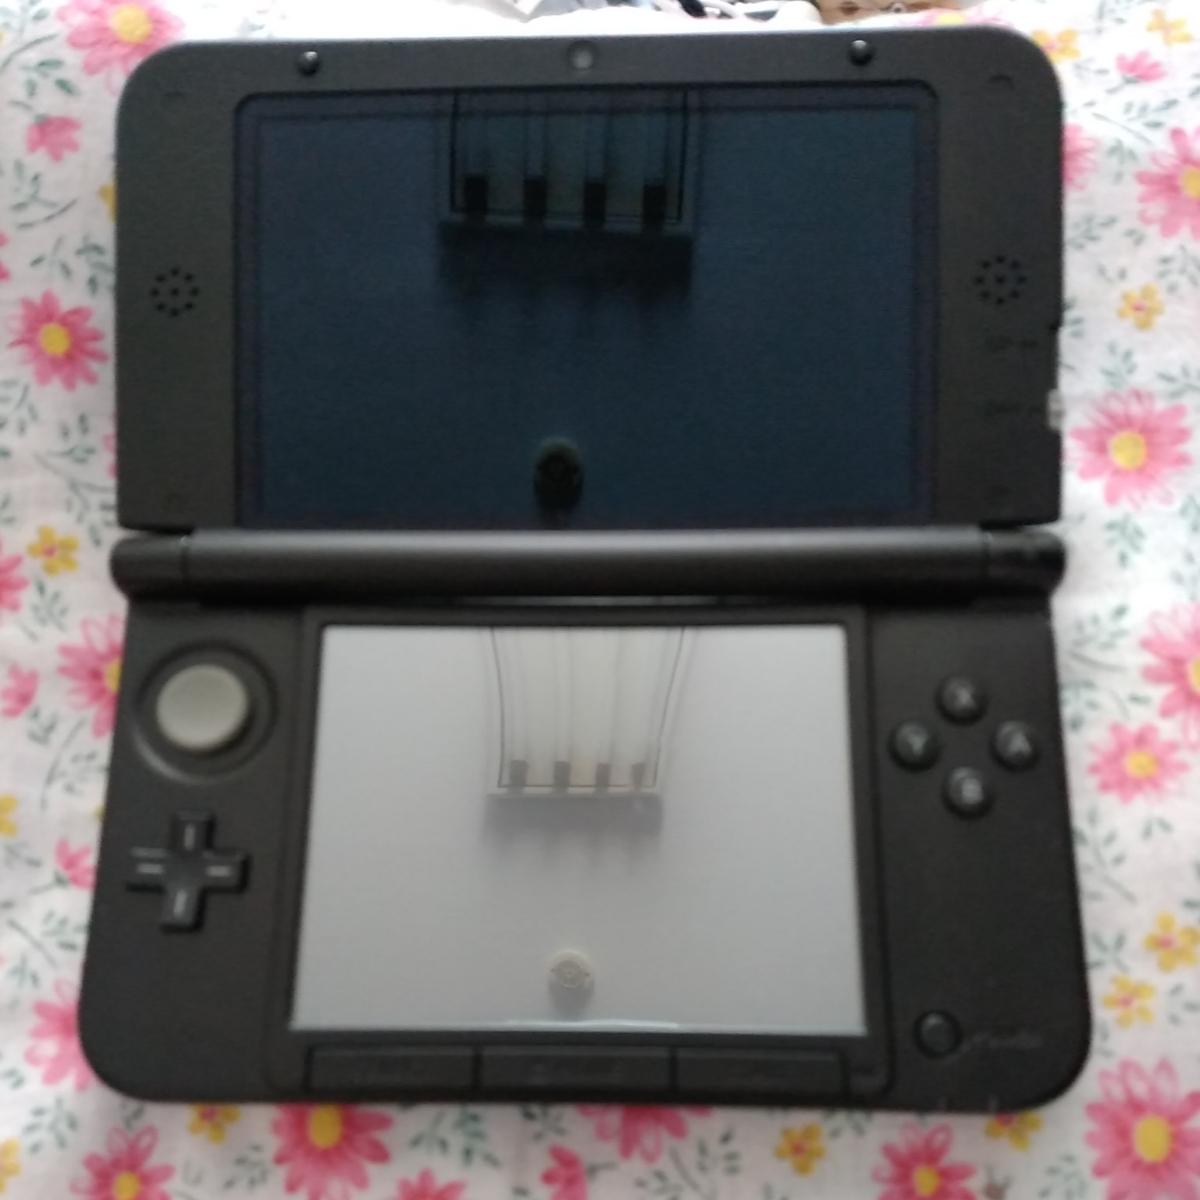 任天堂 3DSLL 本体 アダプター付き ブルー_画像3